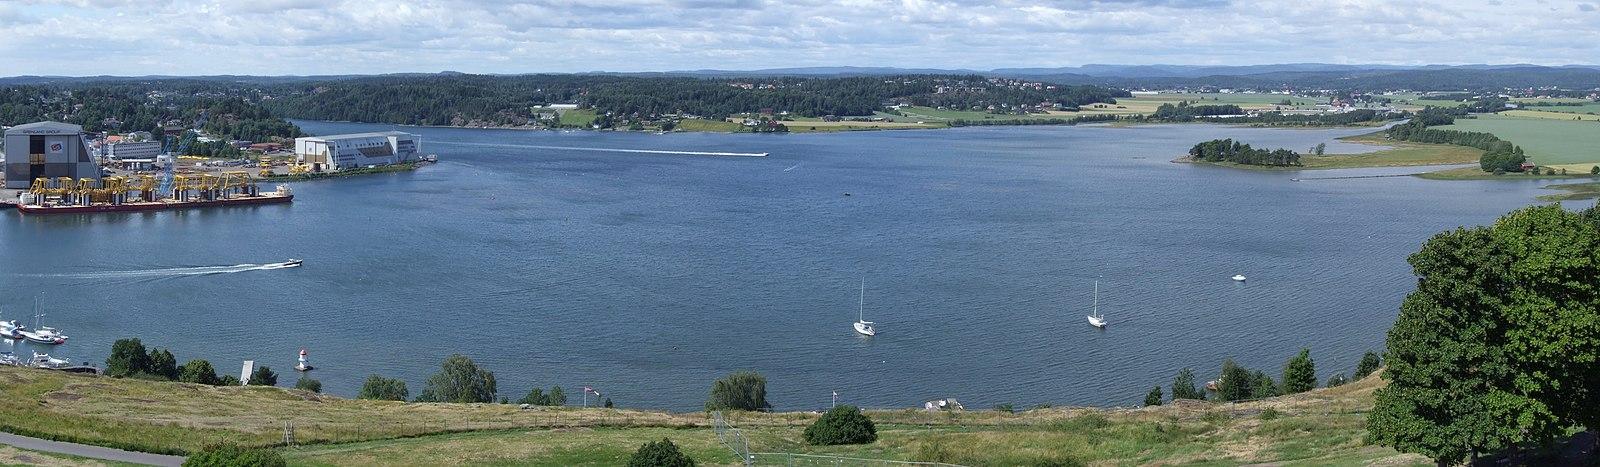 Vrengen Maritime AS - Marina, verksted og båtopplag sentralt i Vrengensundet